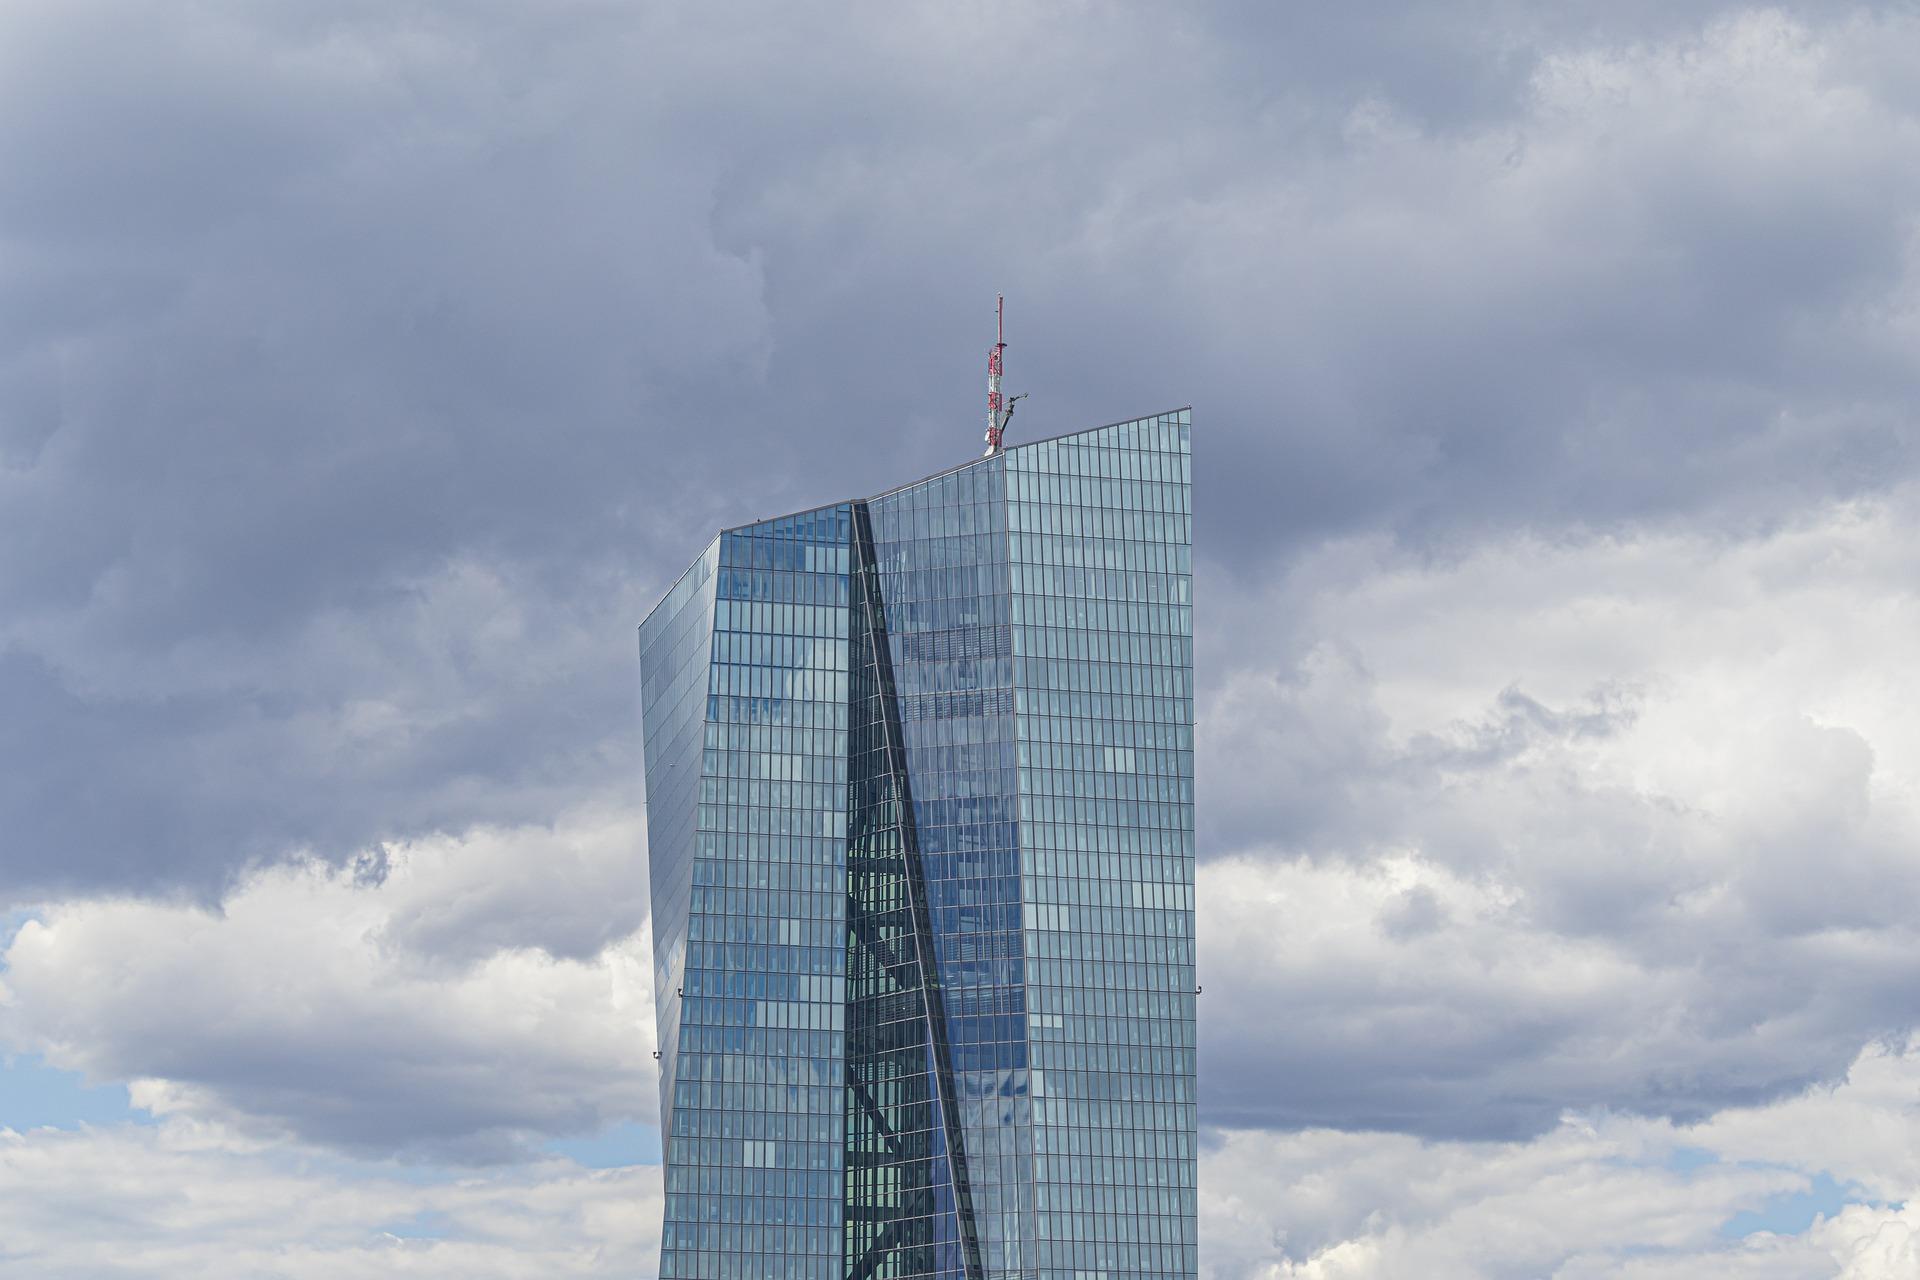 Ein Bild der Europäischen Zentralbank